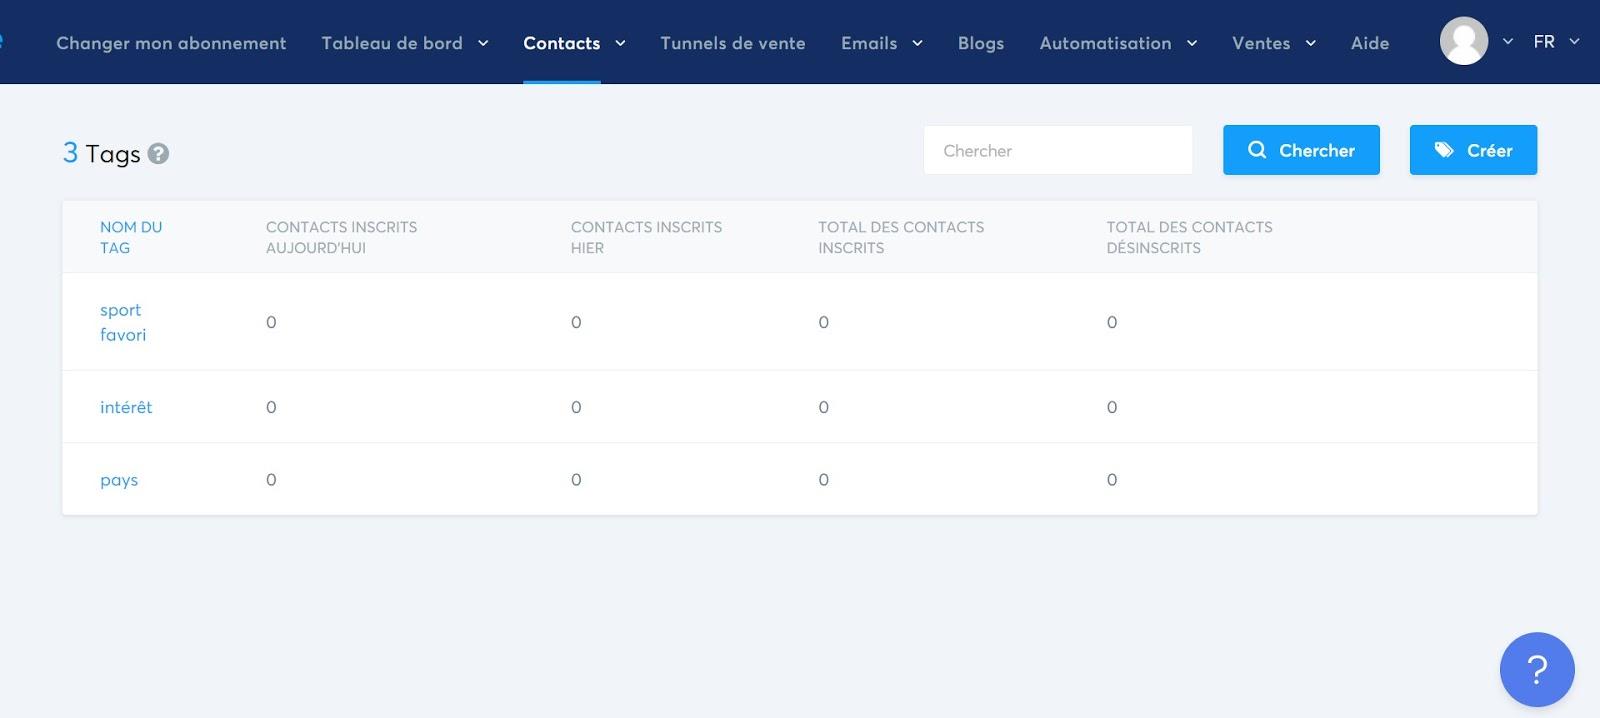 logiciel-complet-vente-formation-en-ligne-gestion-email